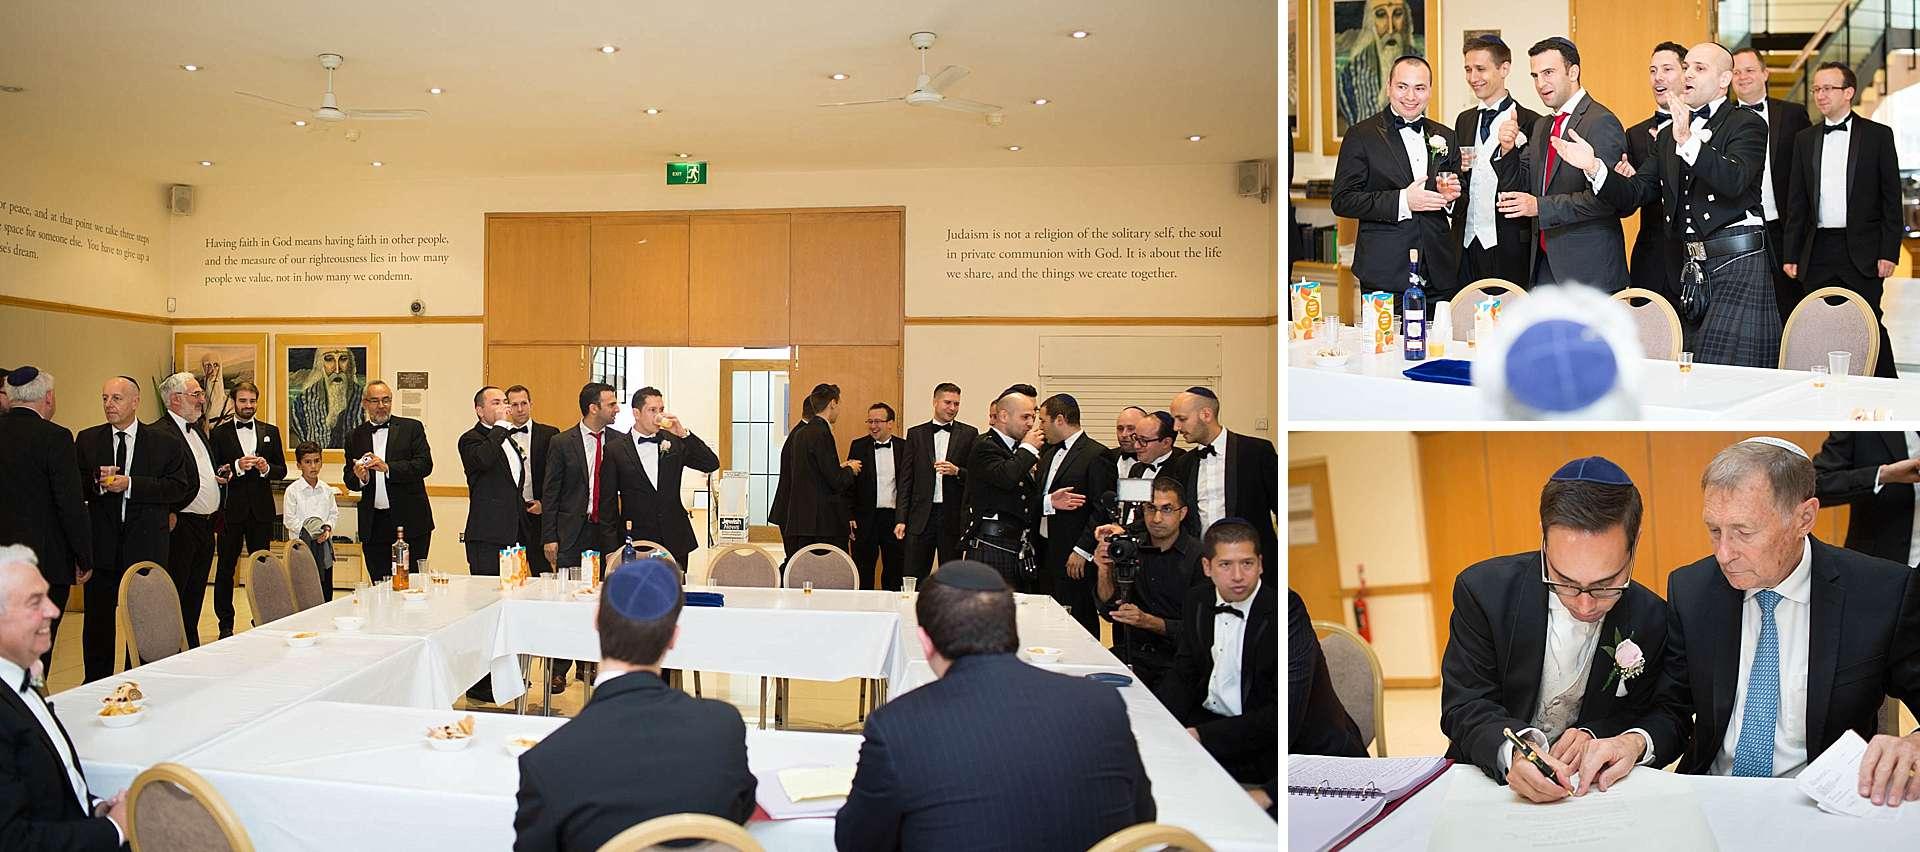 London Jewish Wedding - Tisch